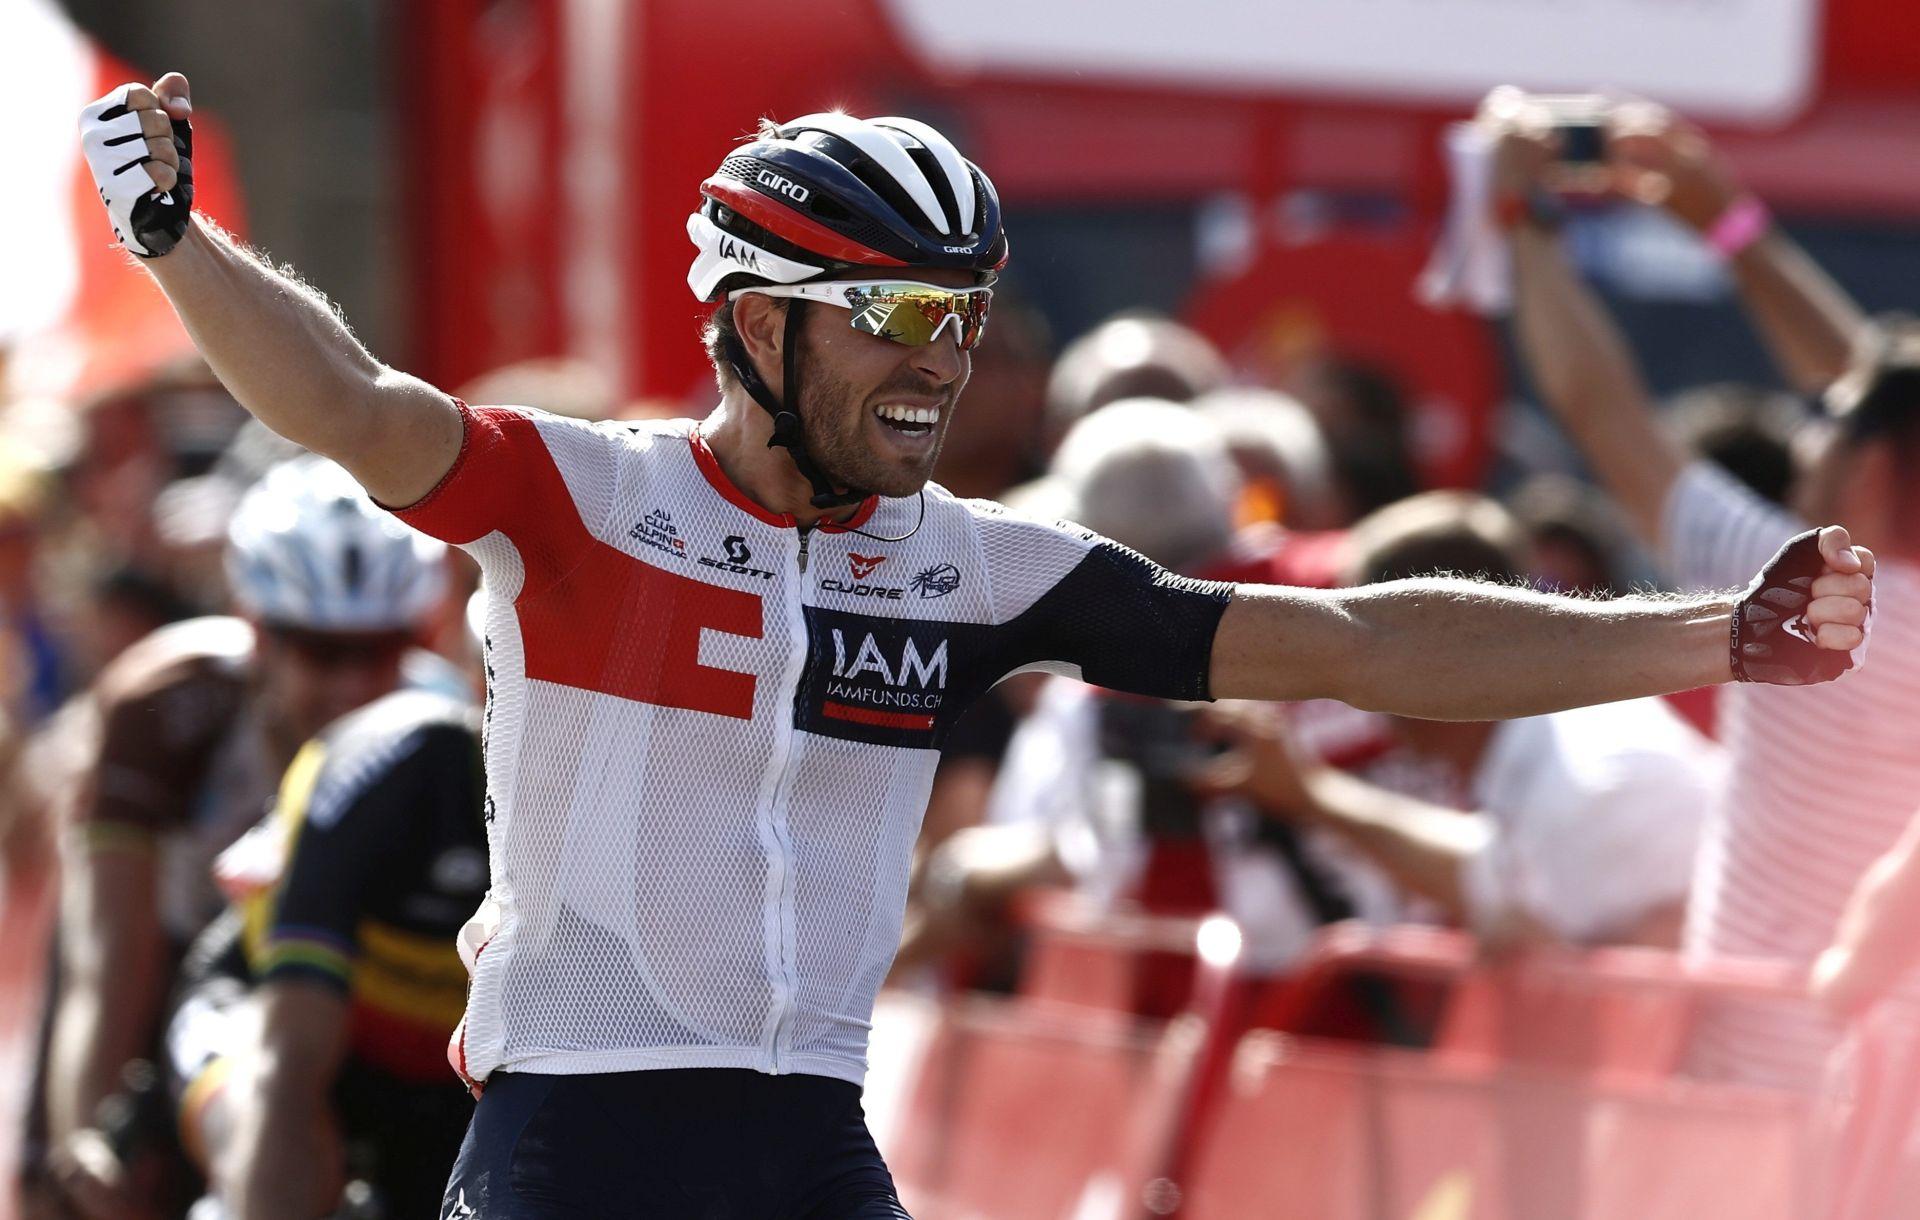 VUELTA: Pobjeda Van Genechtena, Contador pao